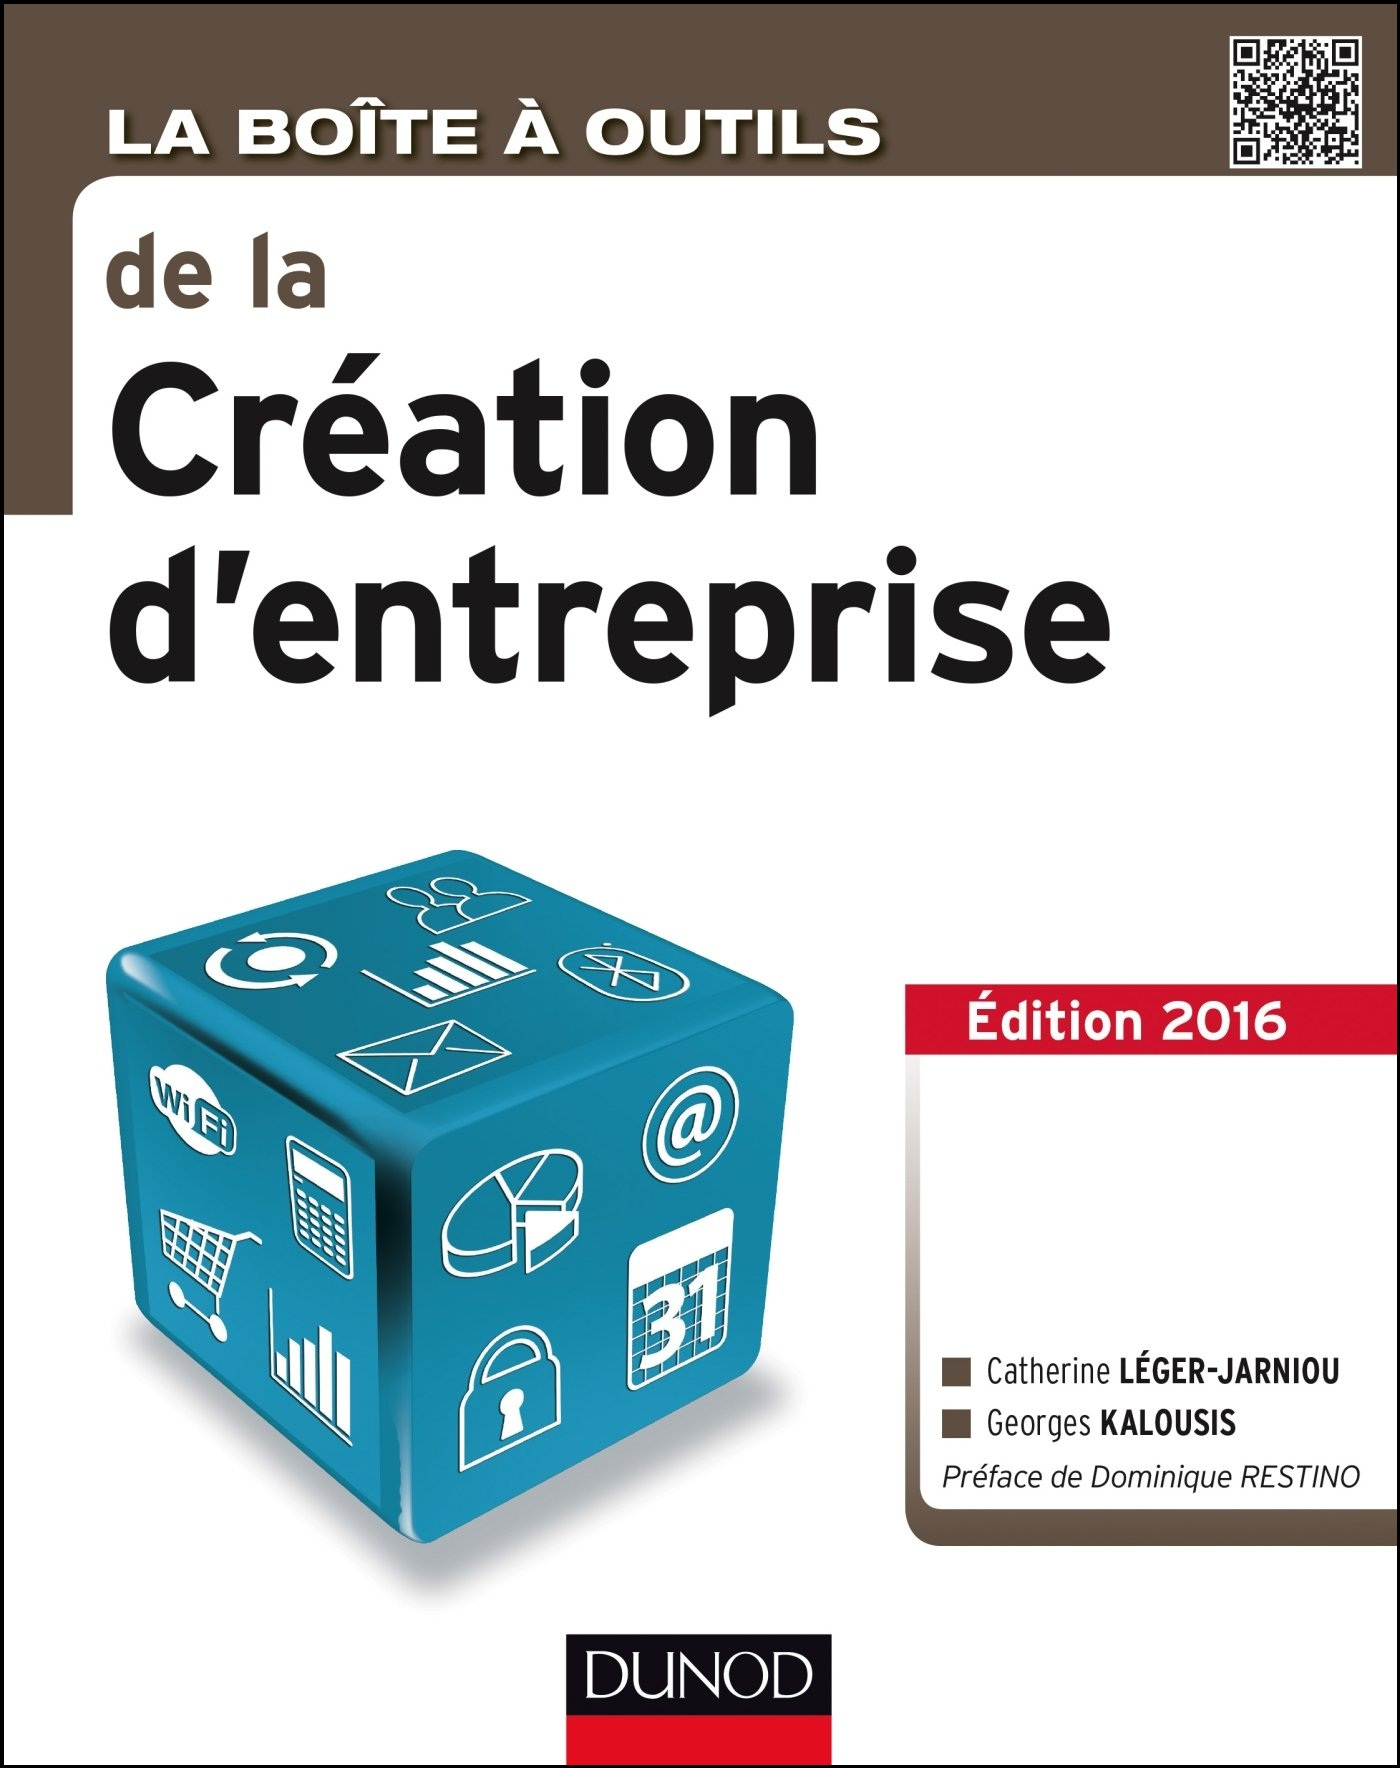 télécharger La Boîte à outils de la Création d'entreprise : Edition 2016